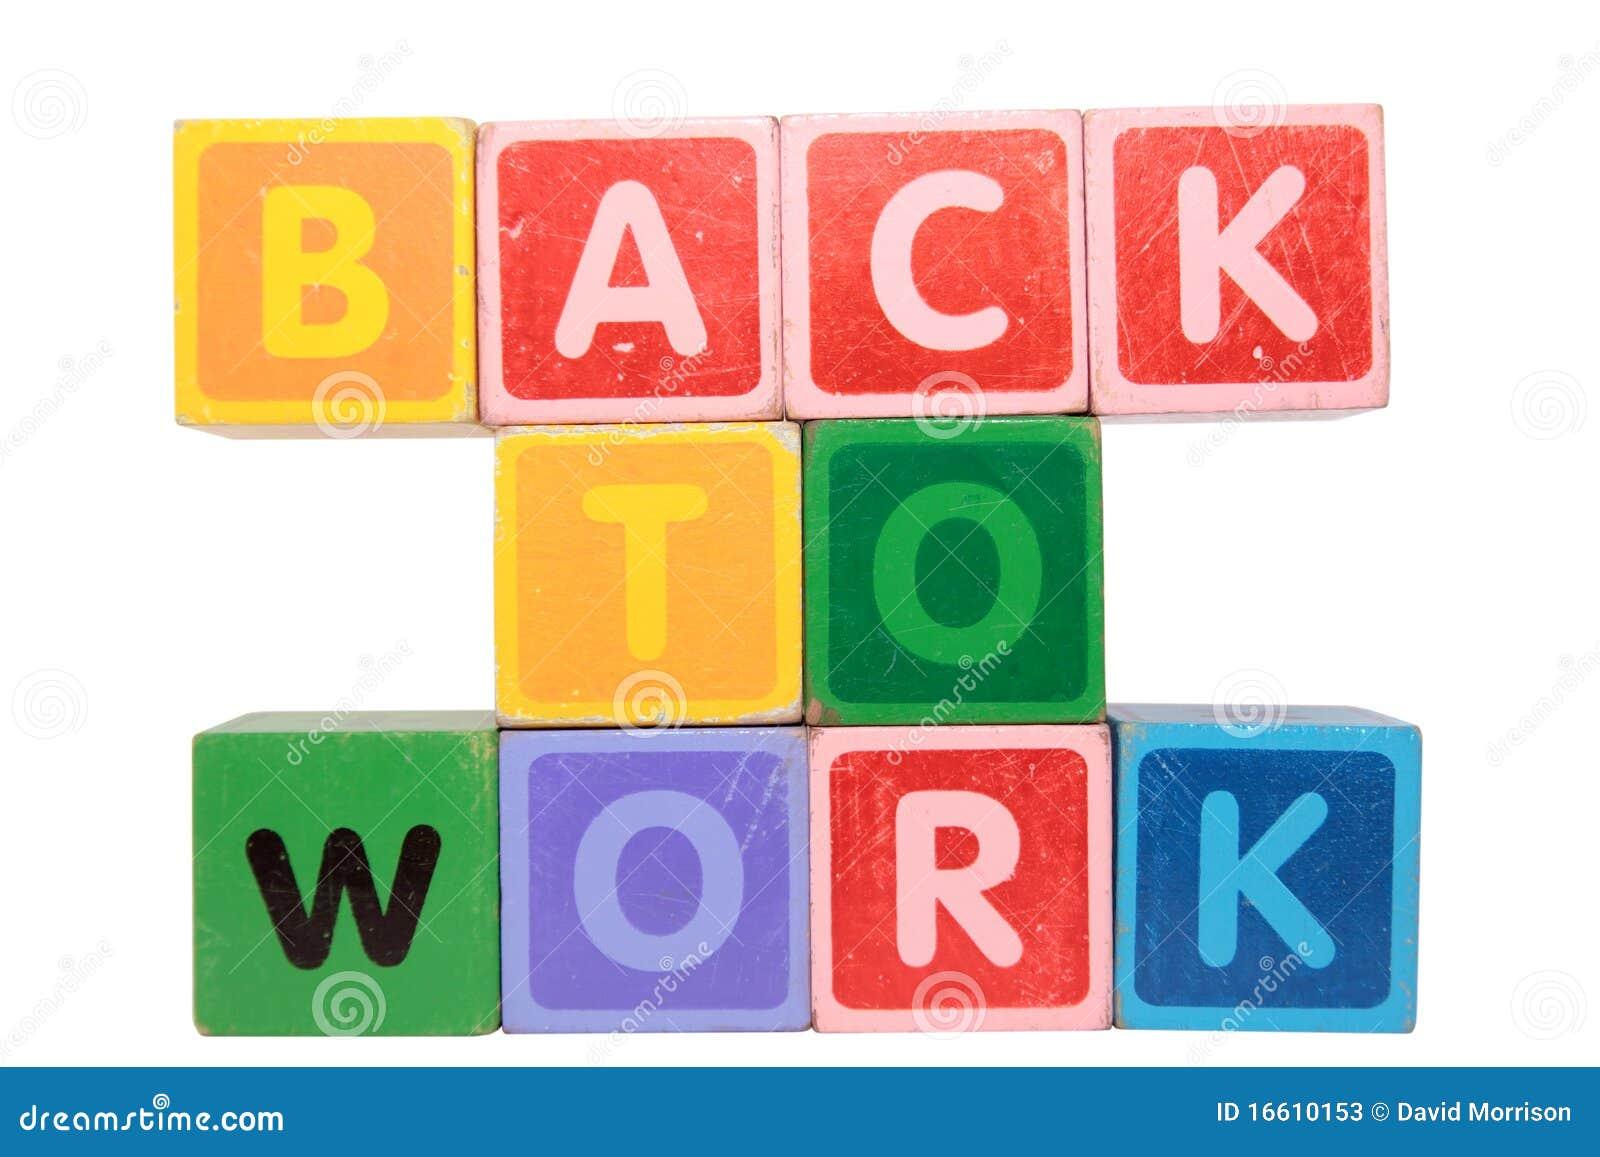 Zurück zu Arbeit in den SpielzeugBlockschrift